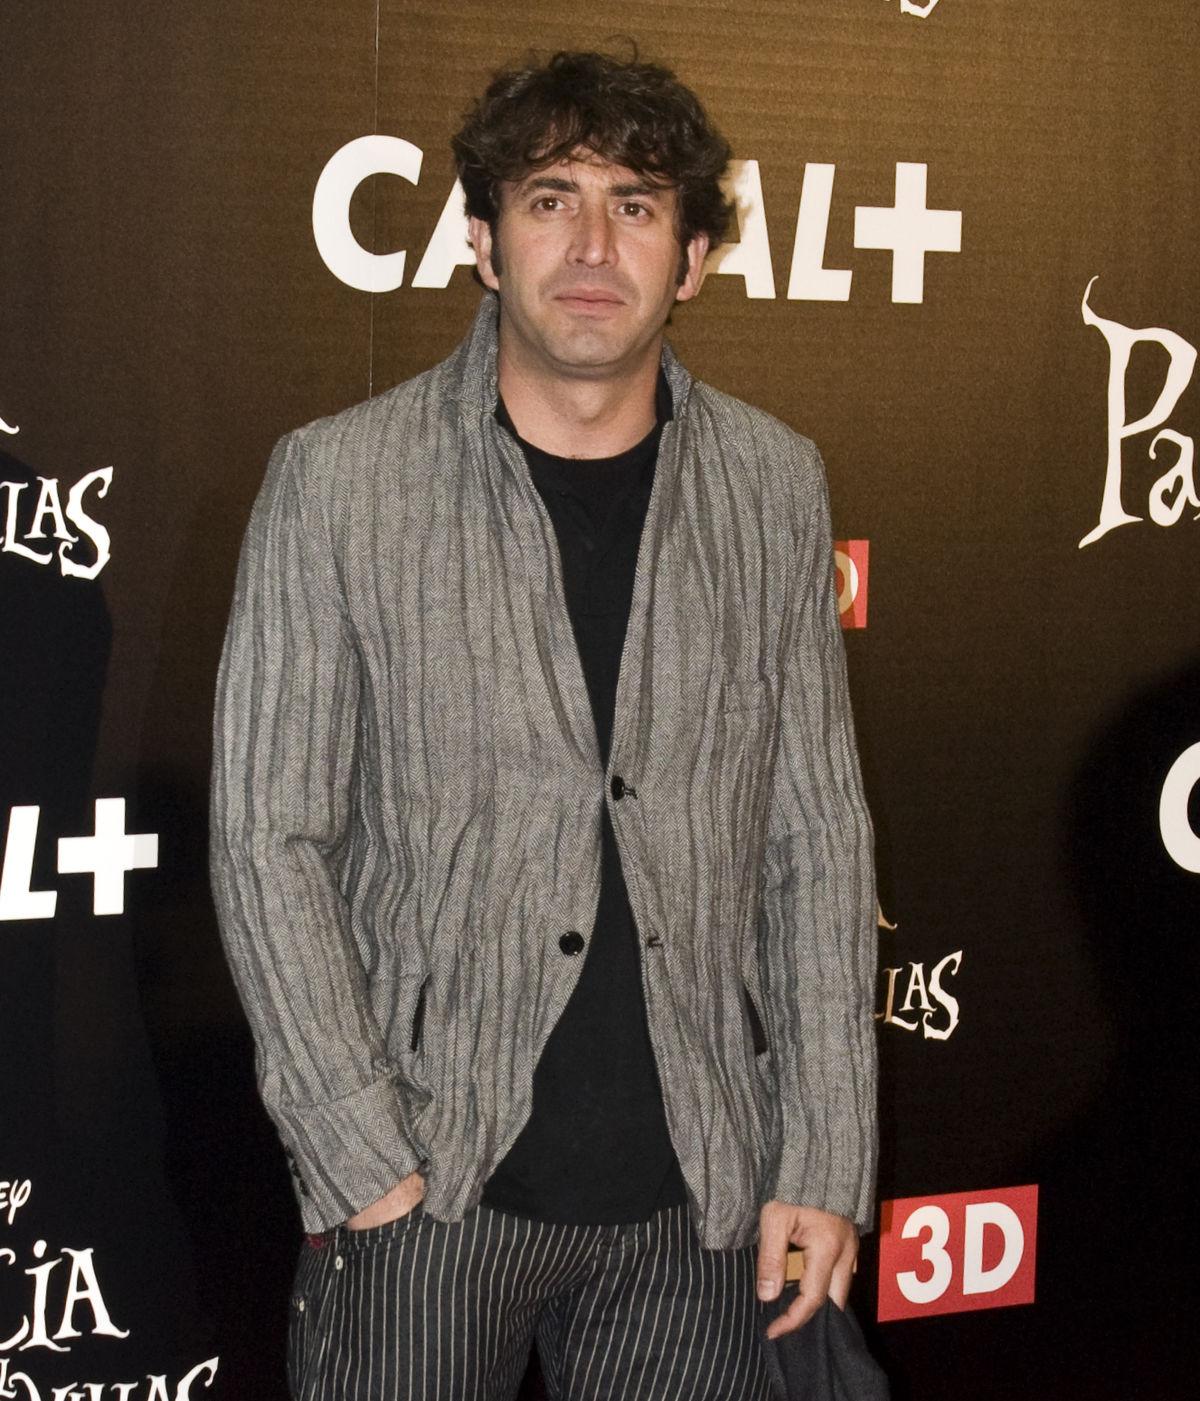 Antonio Garrido (actor) - Wikipedia, la enciclopedia libre